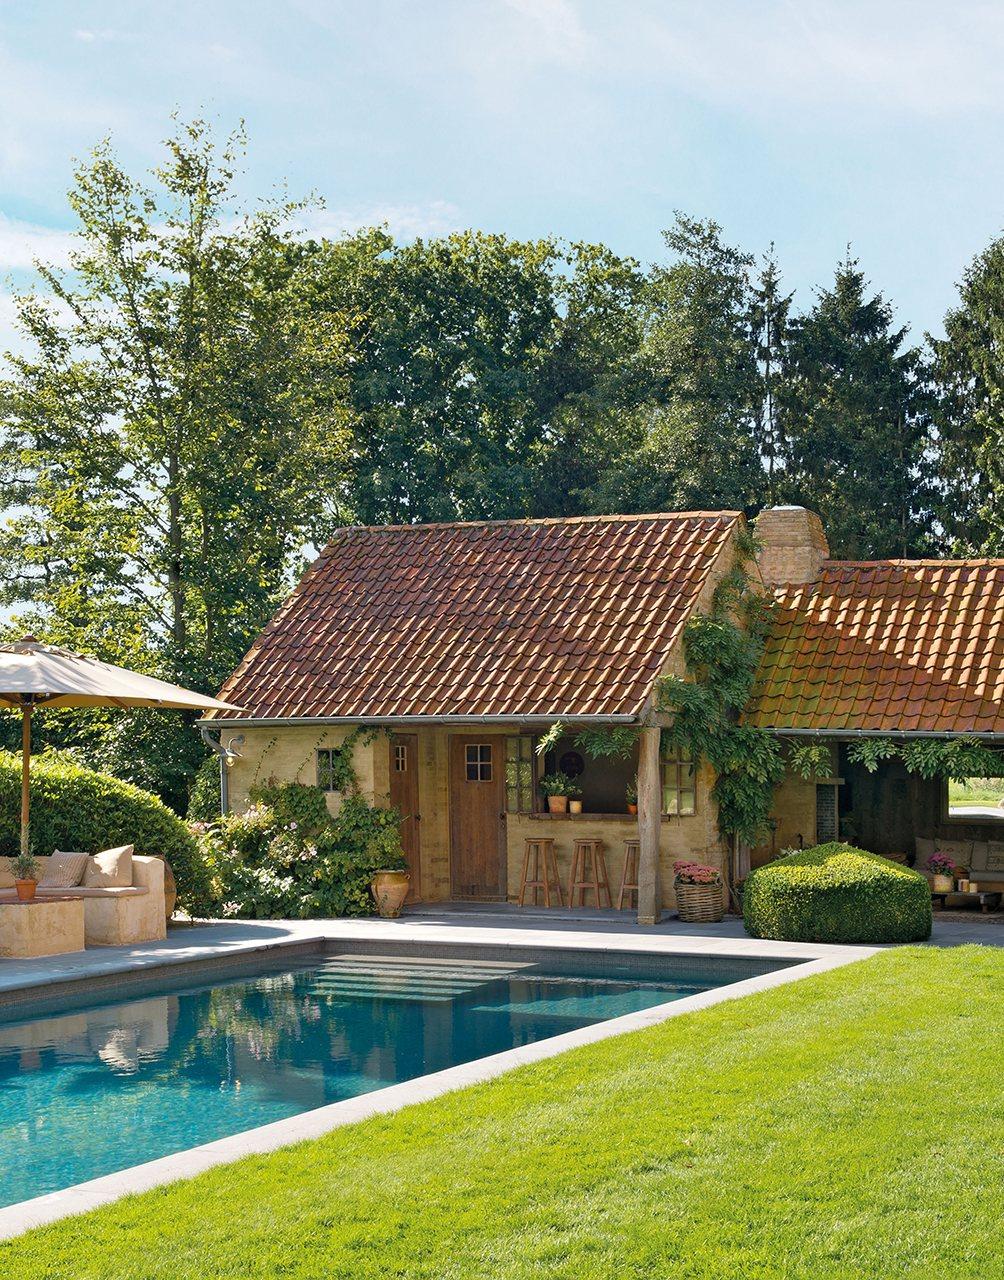 Una casa de campo muy acogedora con un jard n y un porche - Jardines en casas de campo ...